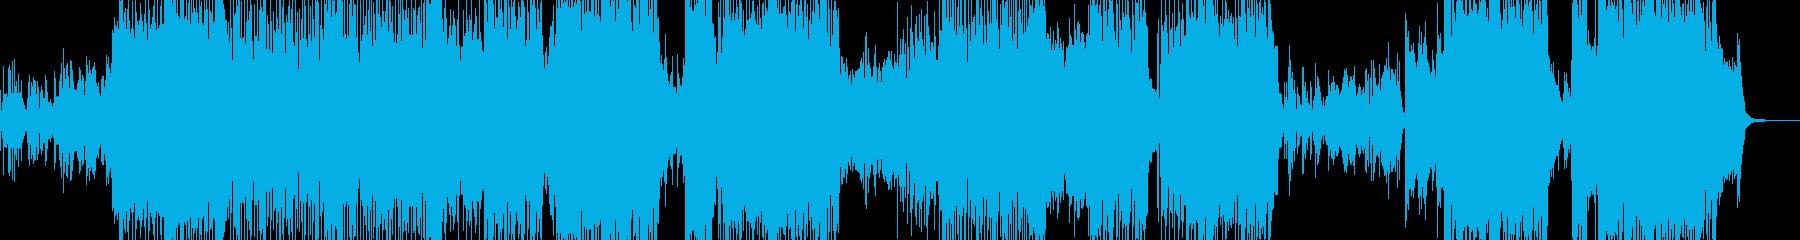 沖縄・南国を感じる三味線テクノポップ Lの再生済みの波形